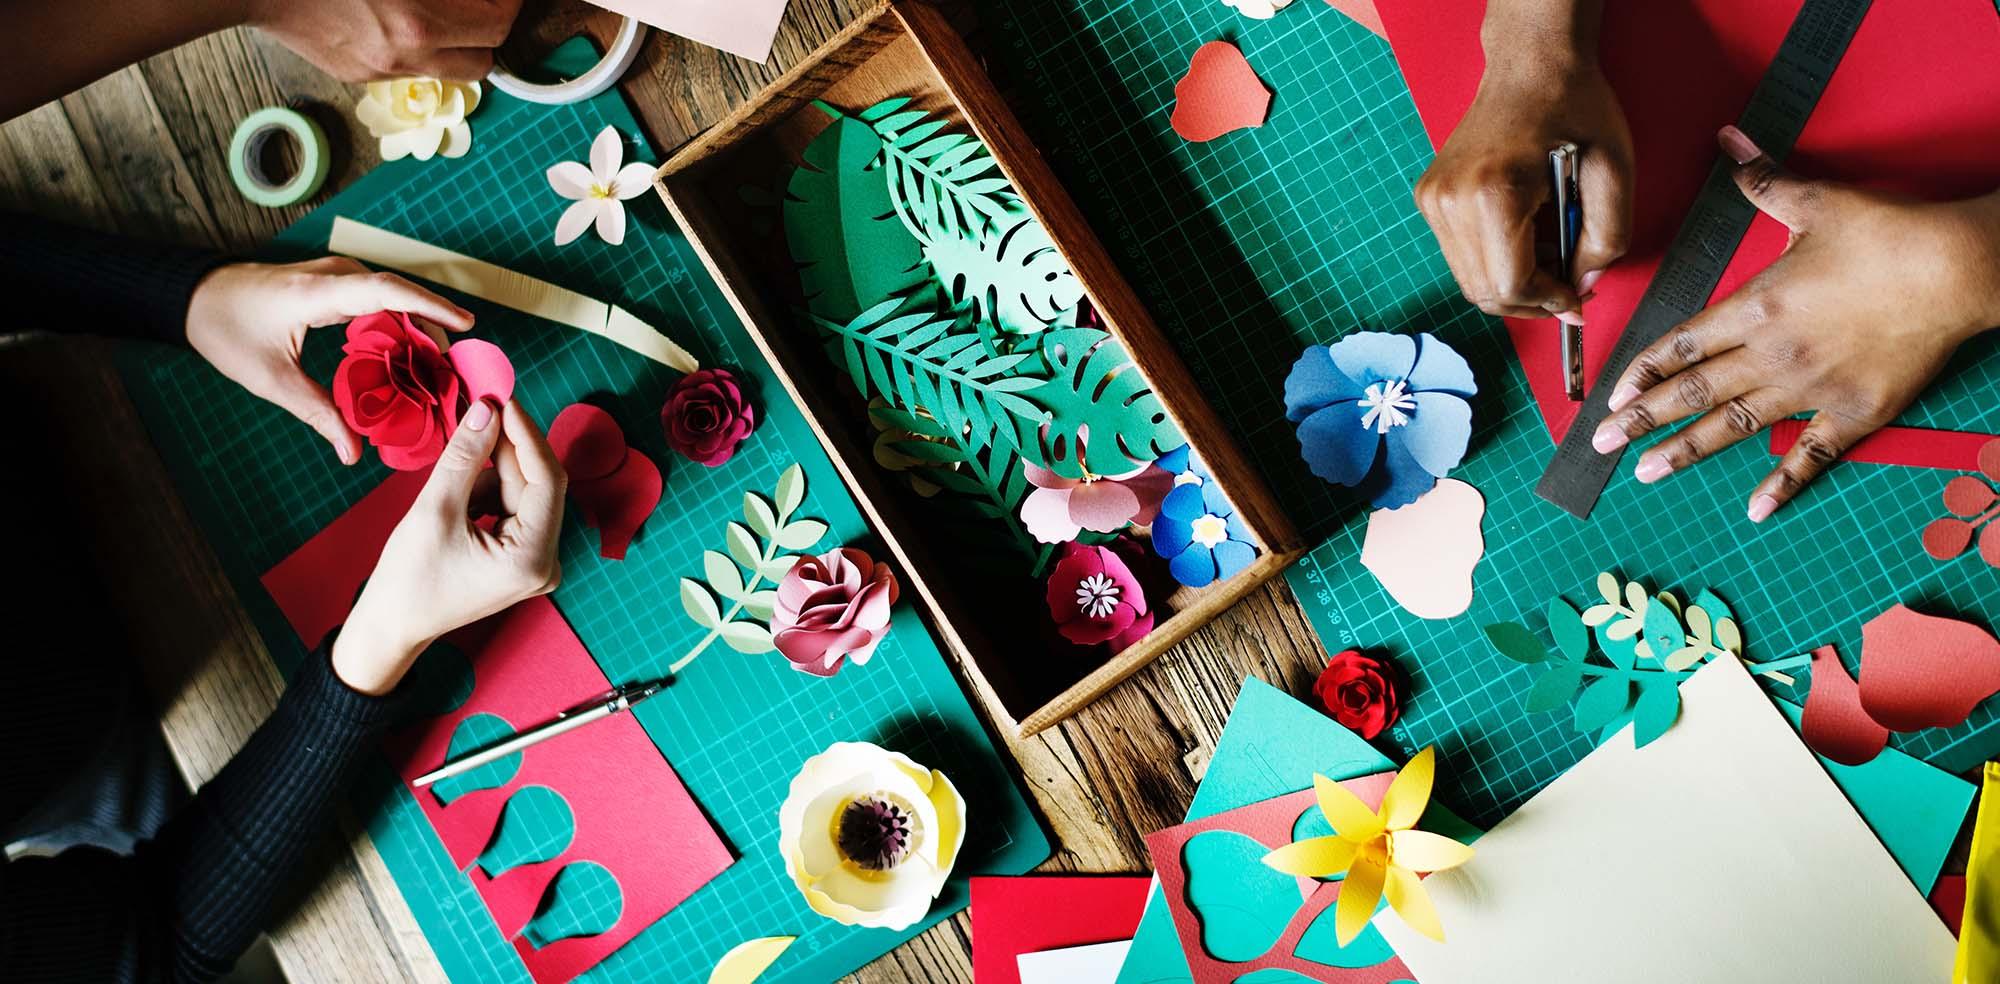 Crafts Projects Healthy Living 4 H Nova Scotia